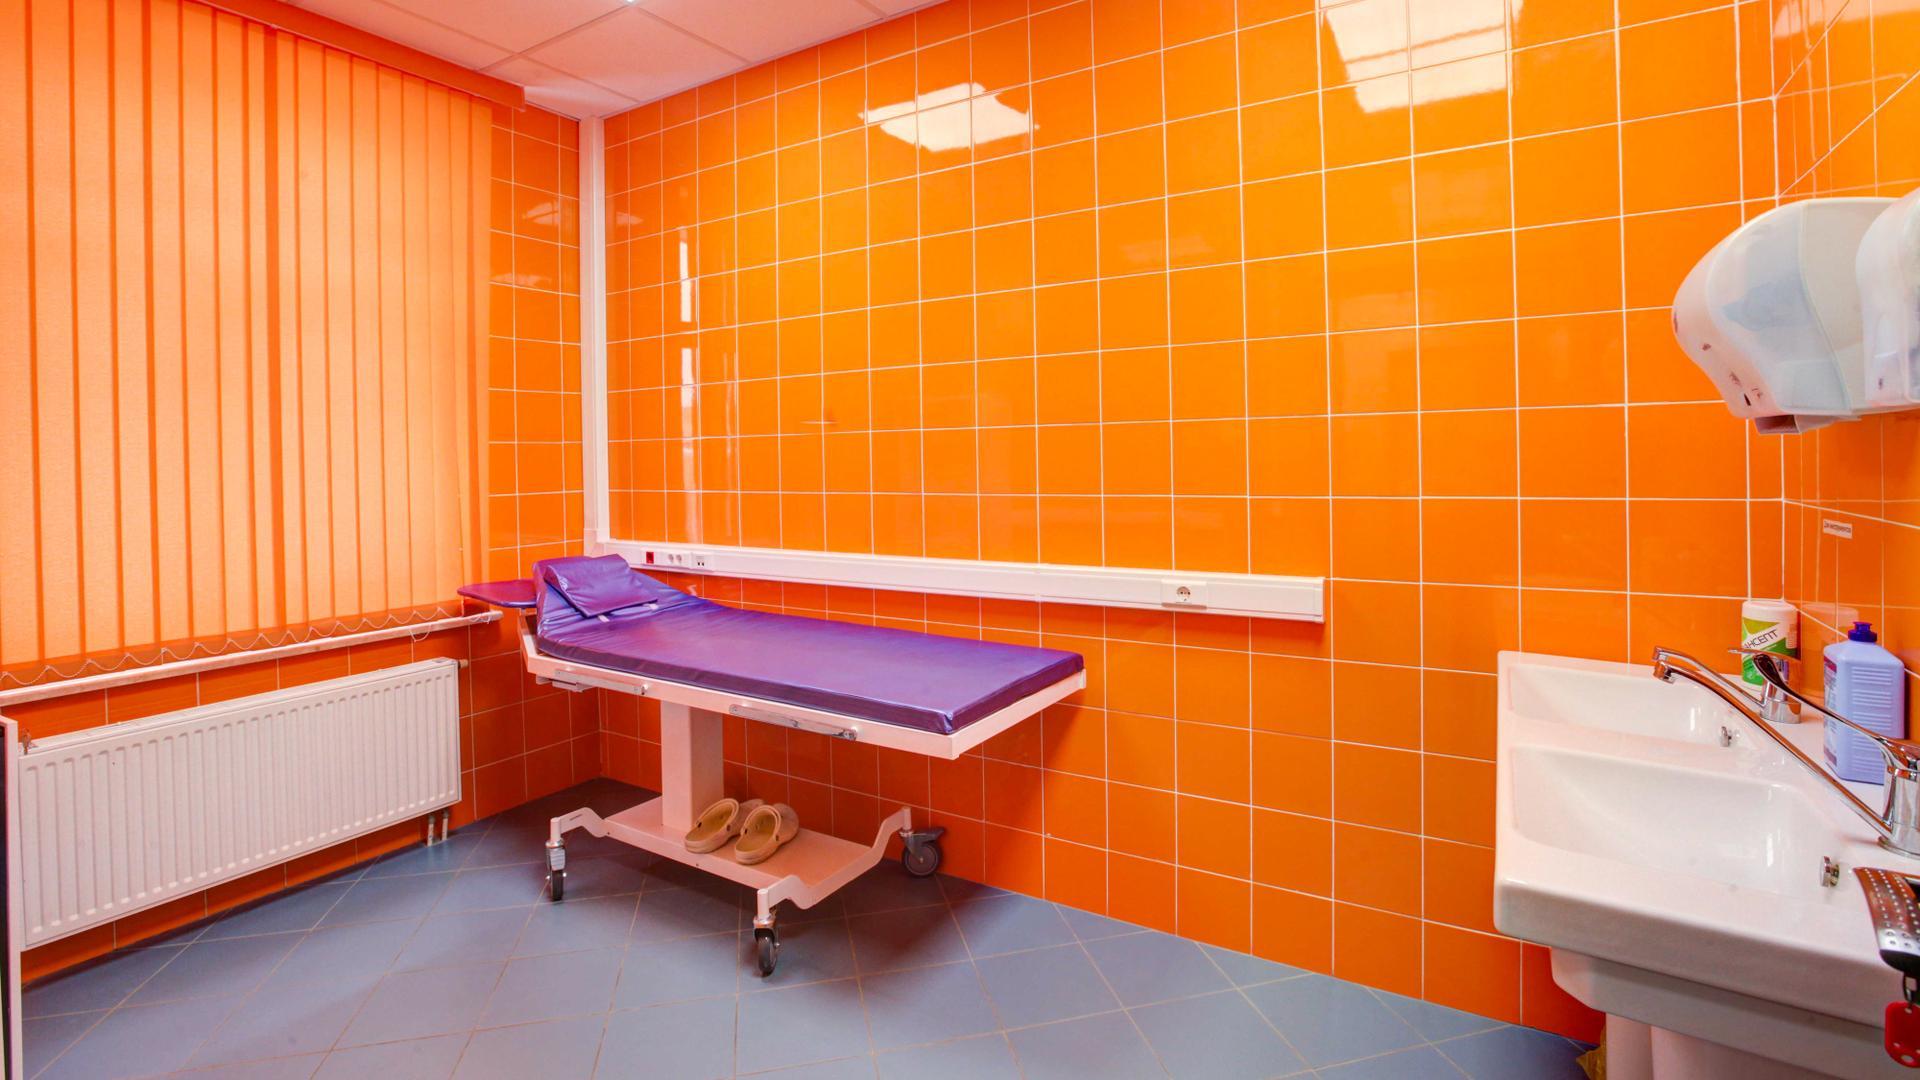 Госдума рассмотрит законопроект, предусматривающий запрет на оказание платных услуг в государственных поликлиниках